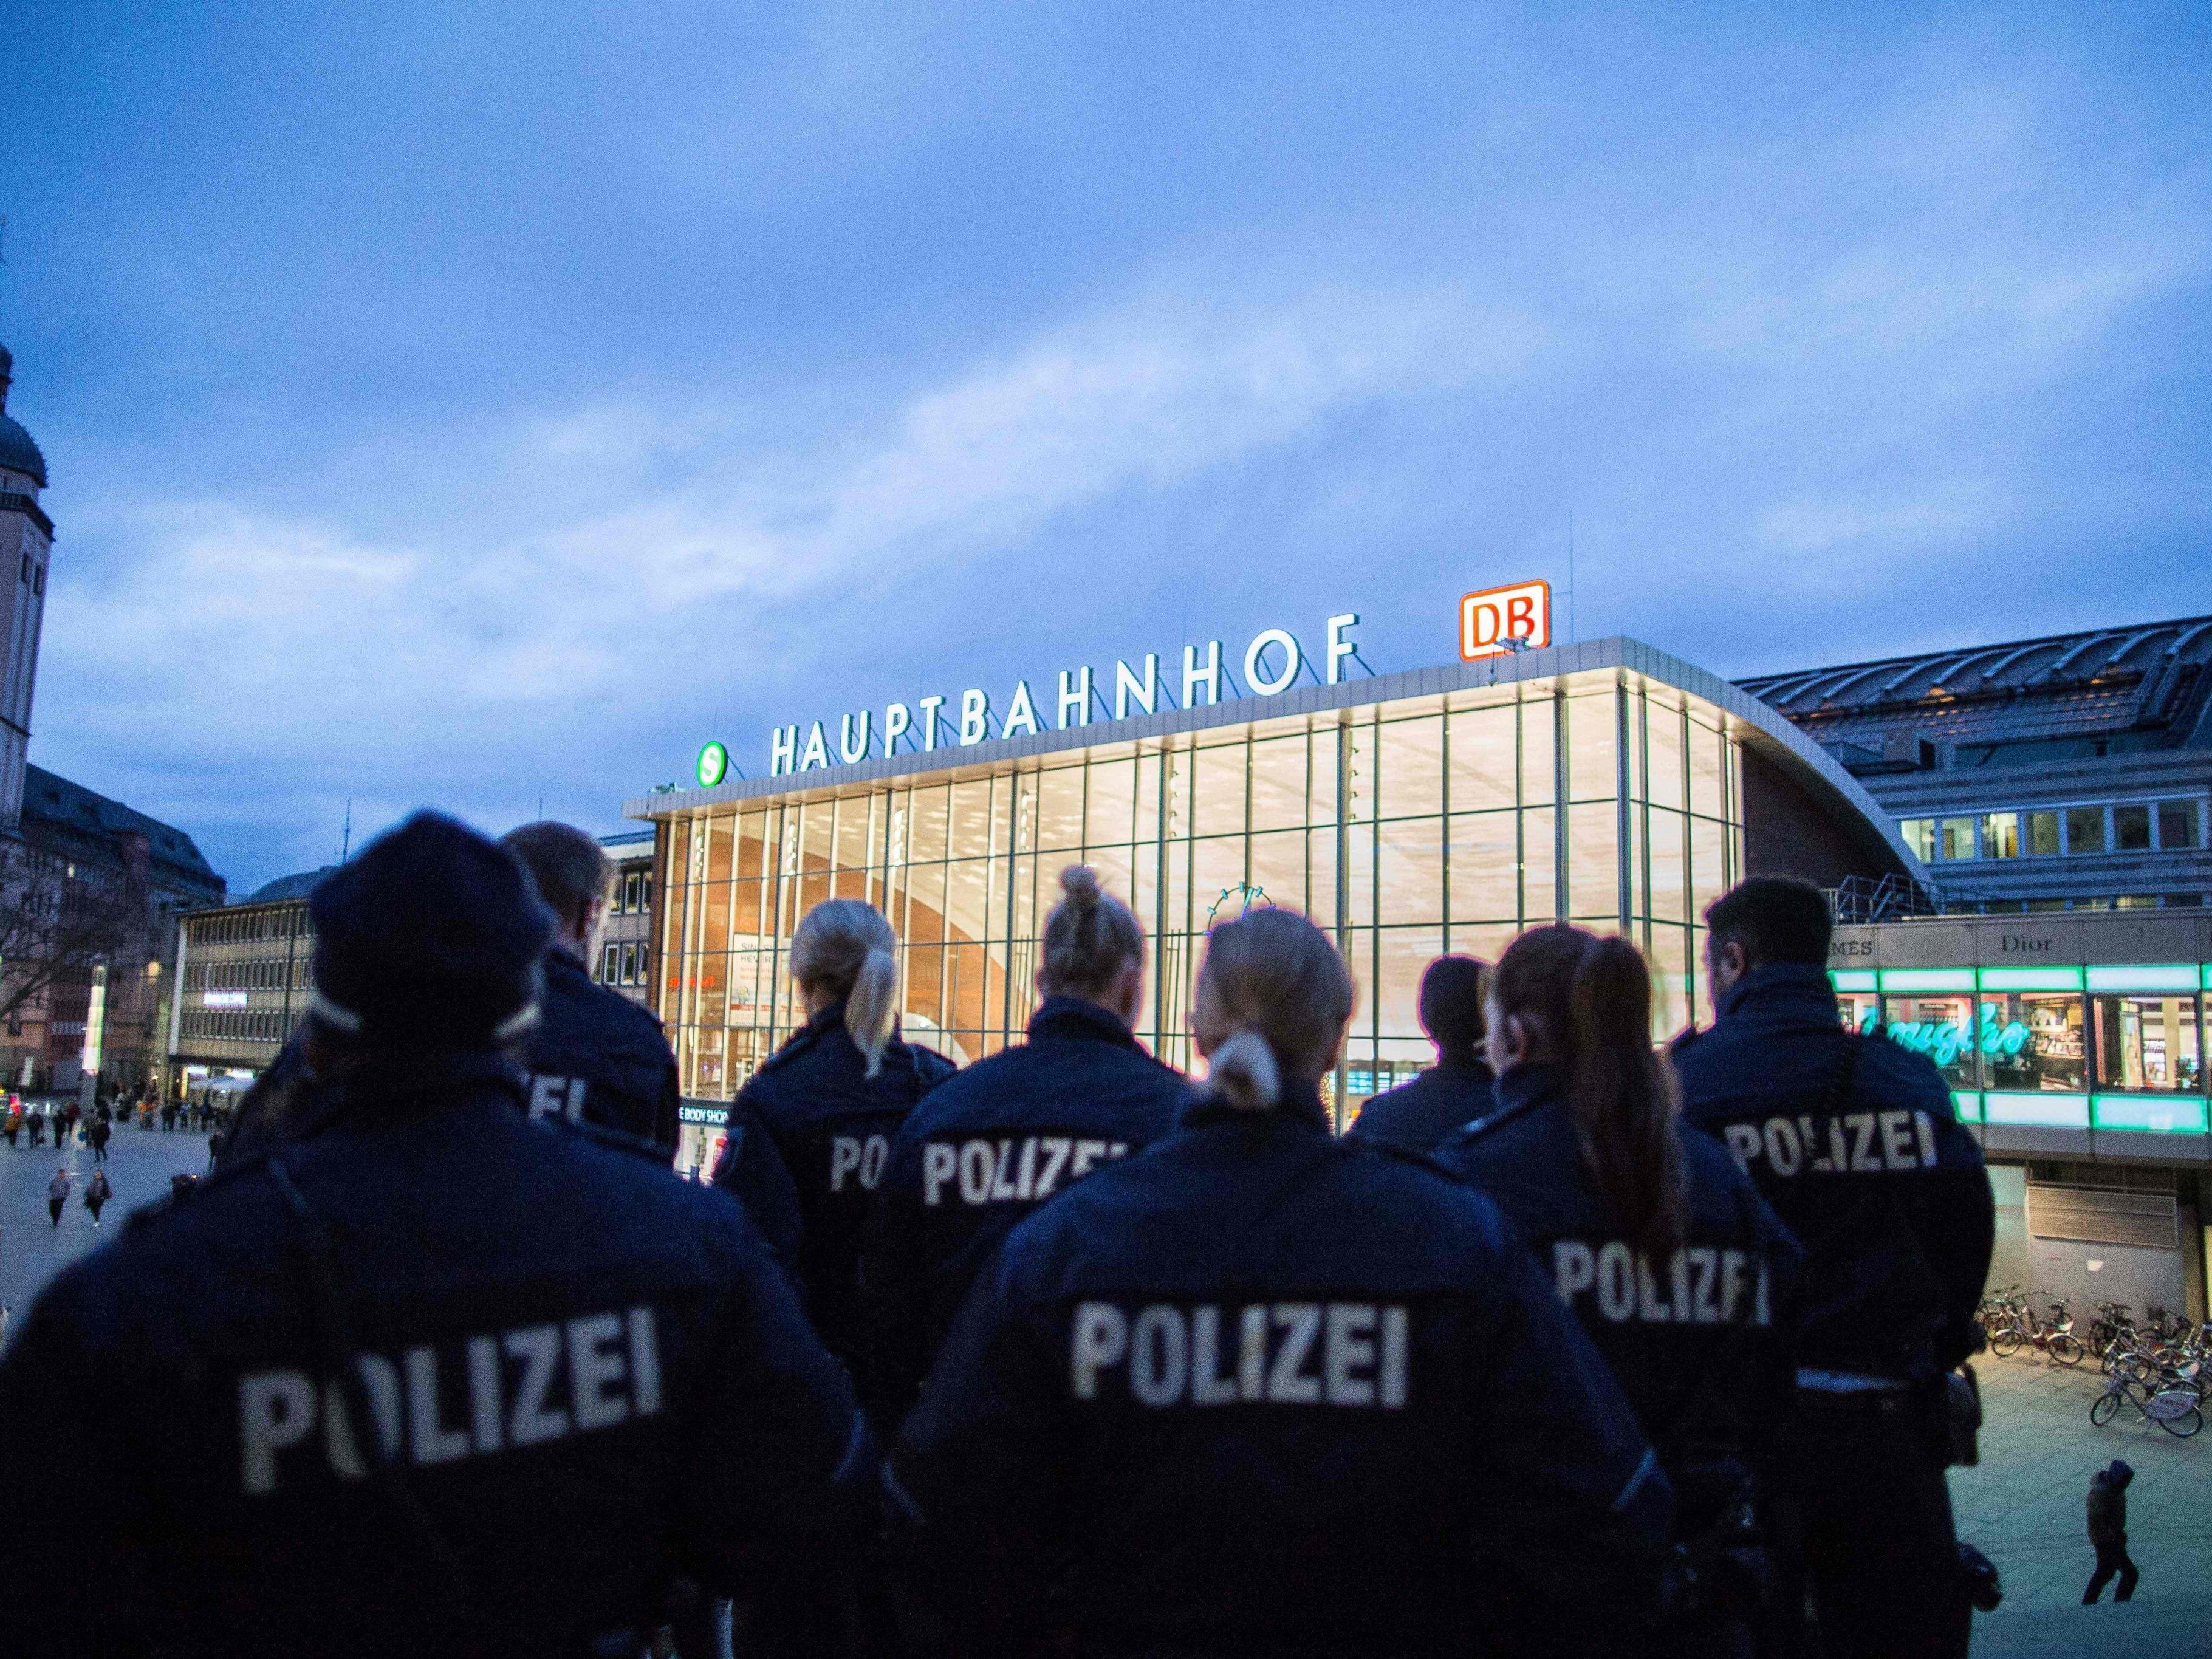 Eine Woche nach den Kölner Übergriffen ist noch unklar, was genau in der Silvesternacht geschah. Immer mehr Polizisten widersprechen ihrer Führung.